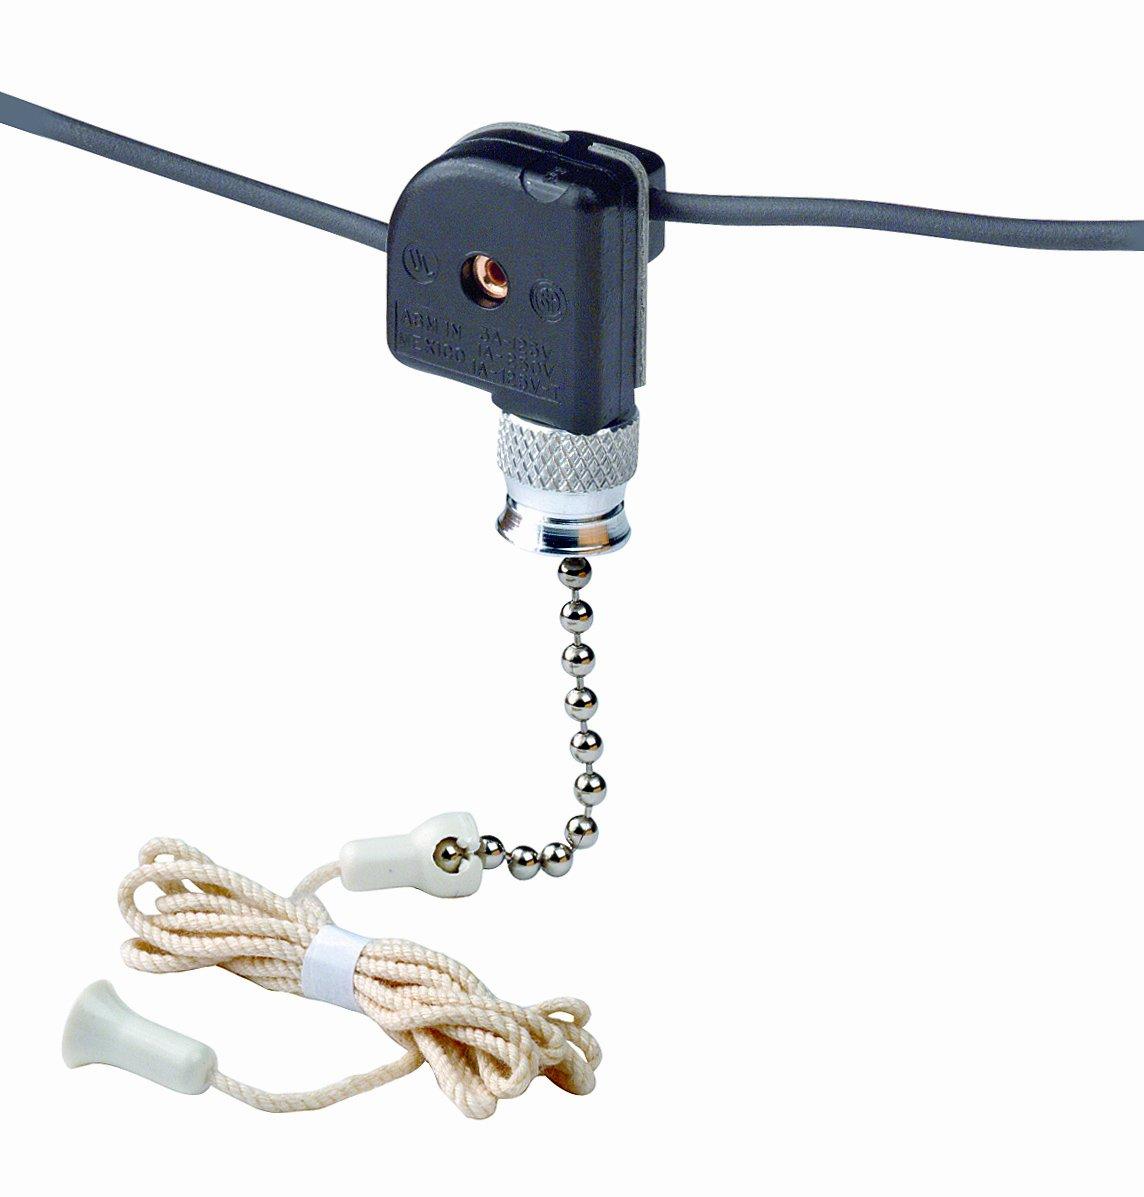 Galleon Leviton 8 Pull Chain Switch Single Pole